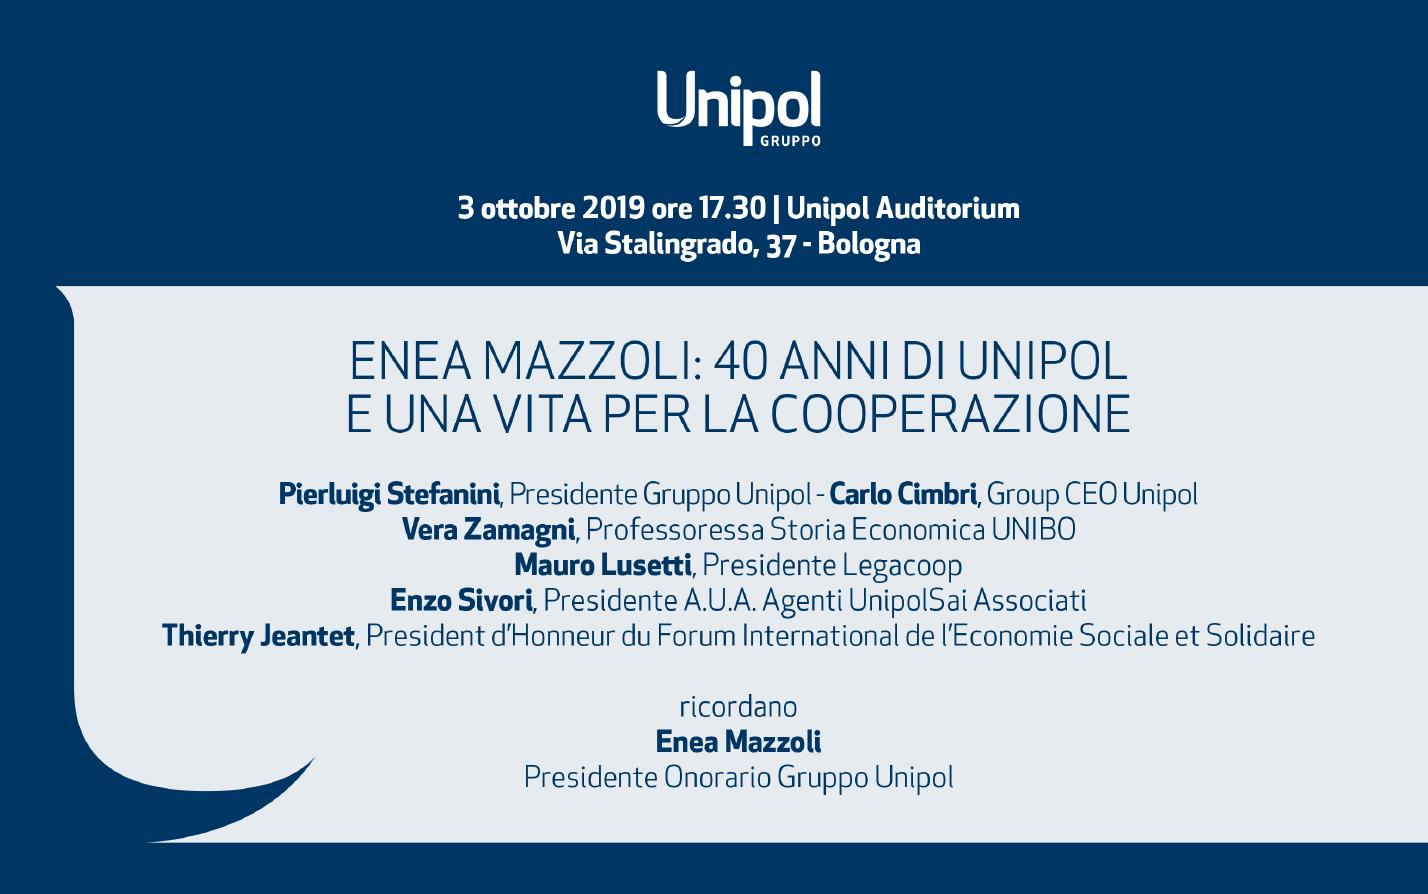 Enea Mazzoli: 40 anni di Unipol e una vita per la Cooperazione